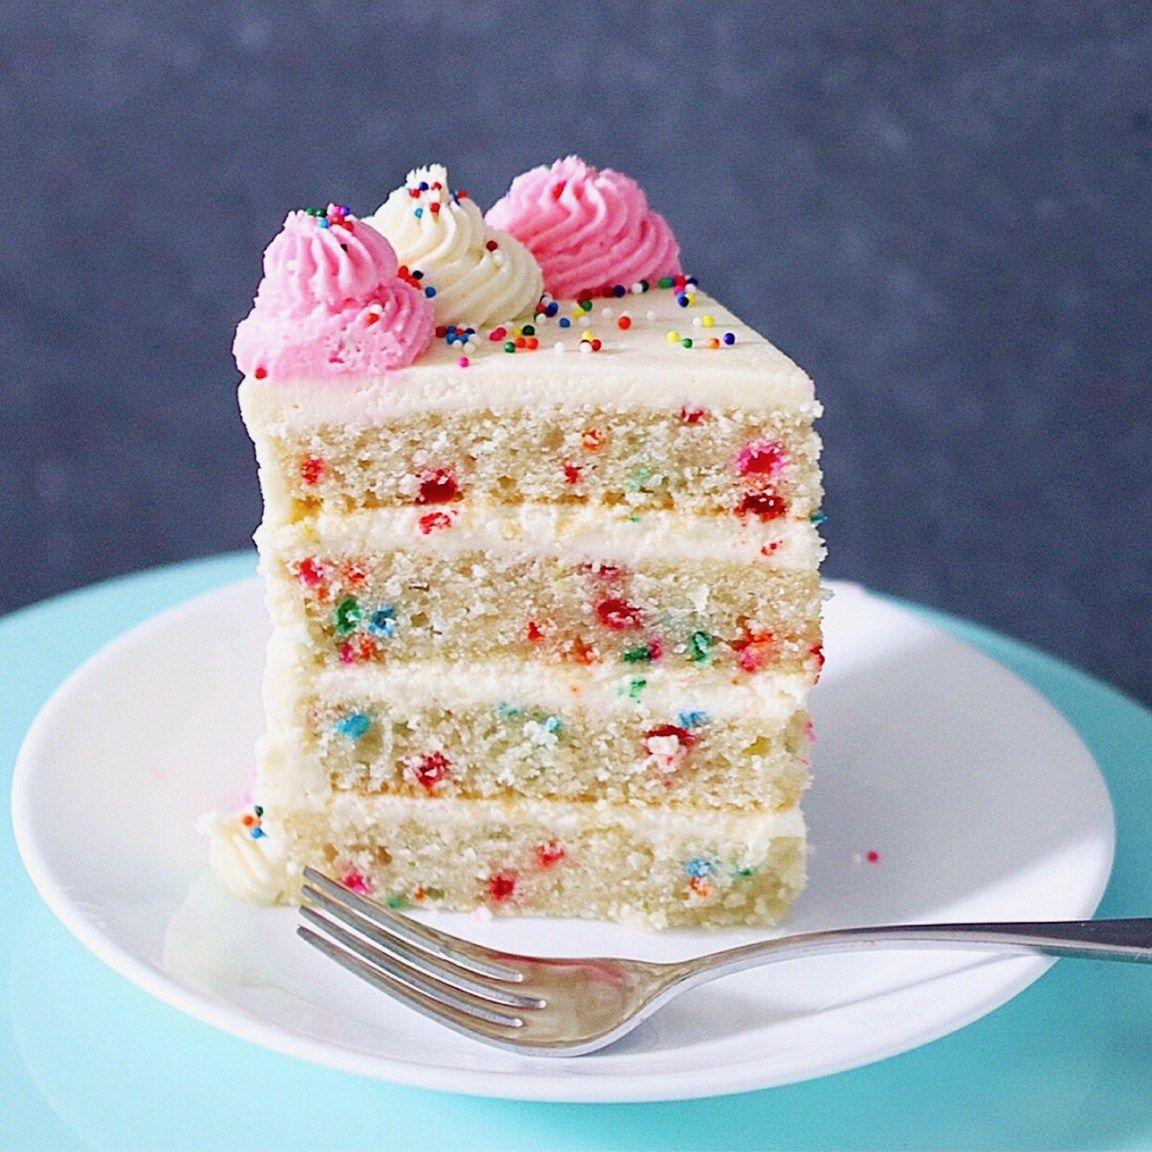 Grain Free Funfetti Cake Recipe Grain Free Cake And Free